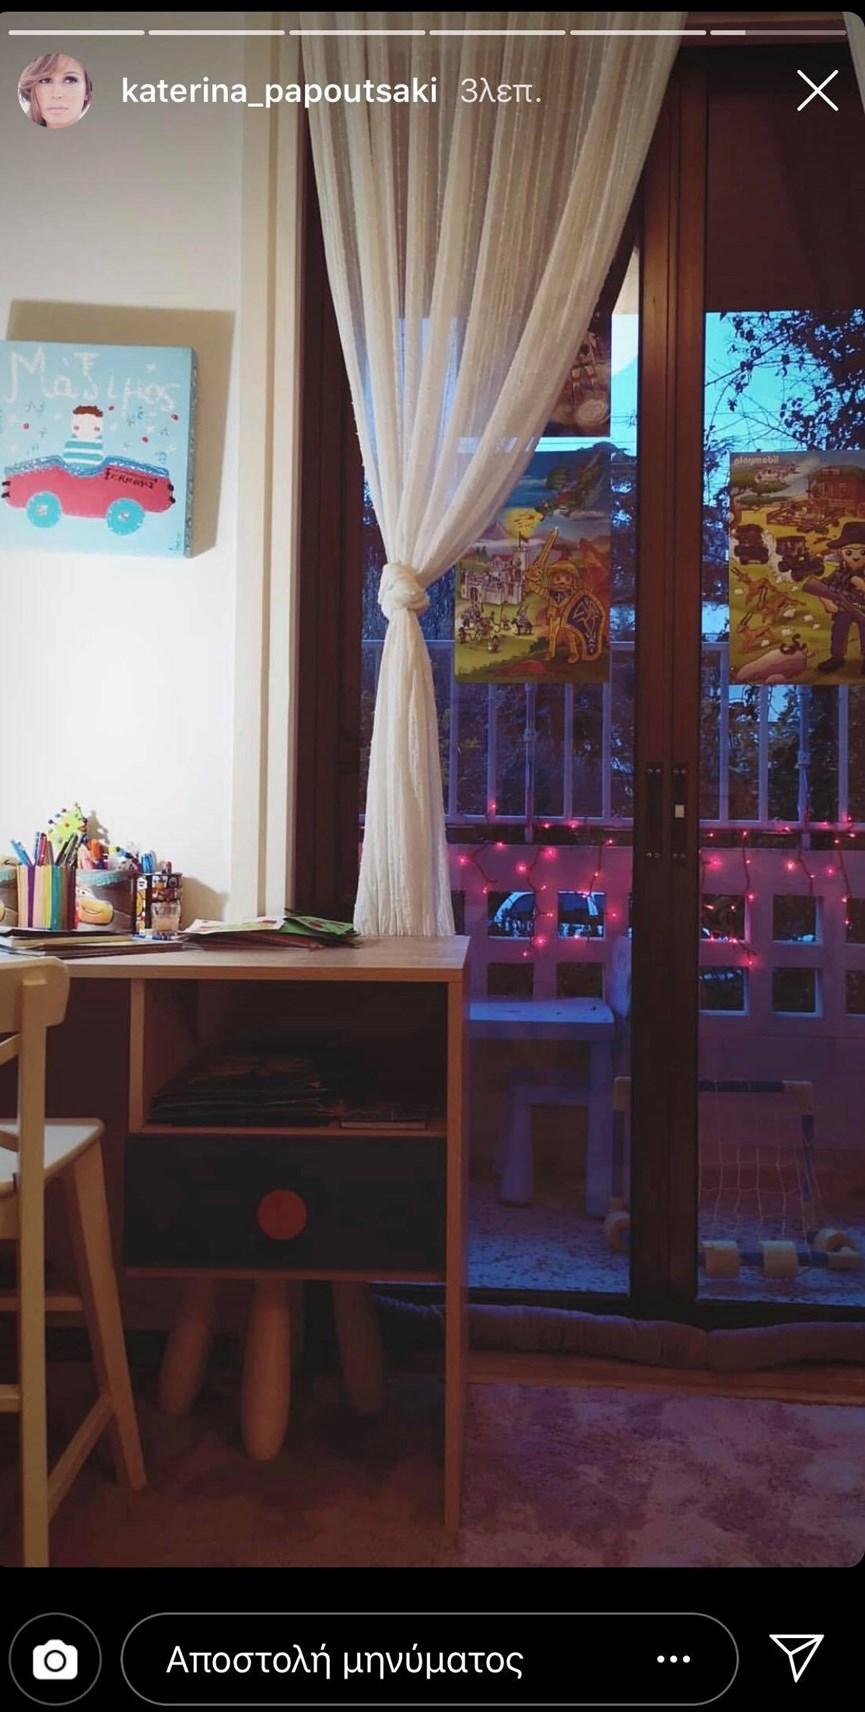 Κατερίνα Παπουτσάκη: Μας δείχνει το δωμάτιο του γιου της, Μάξιμου! (εικόνα)